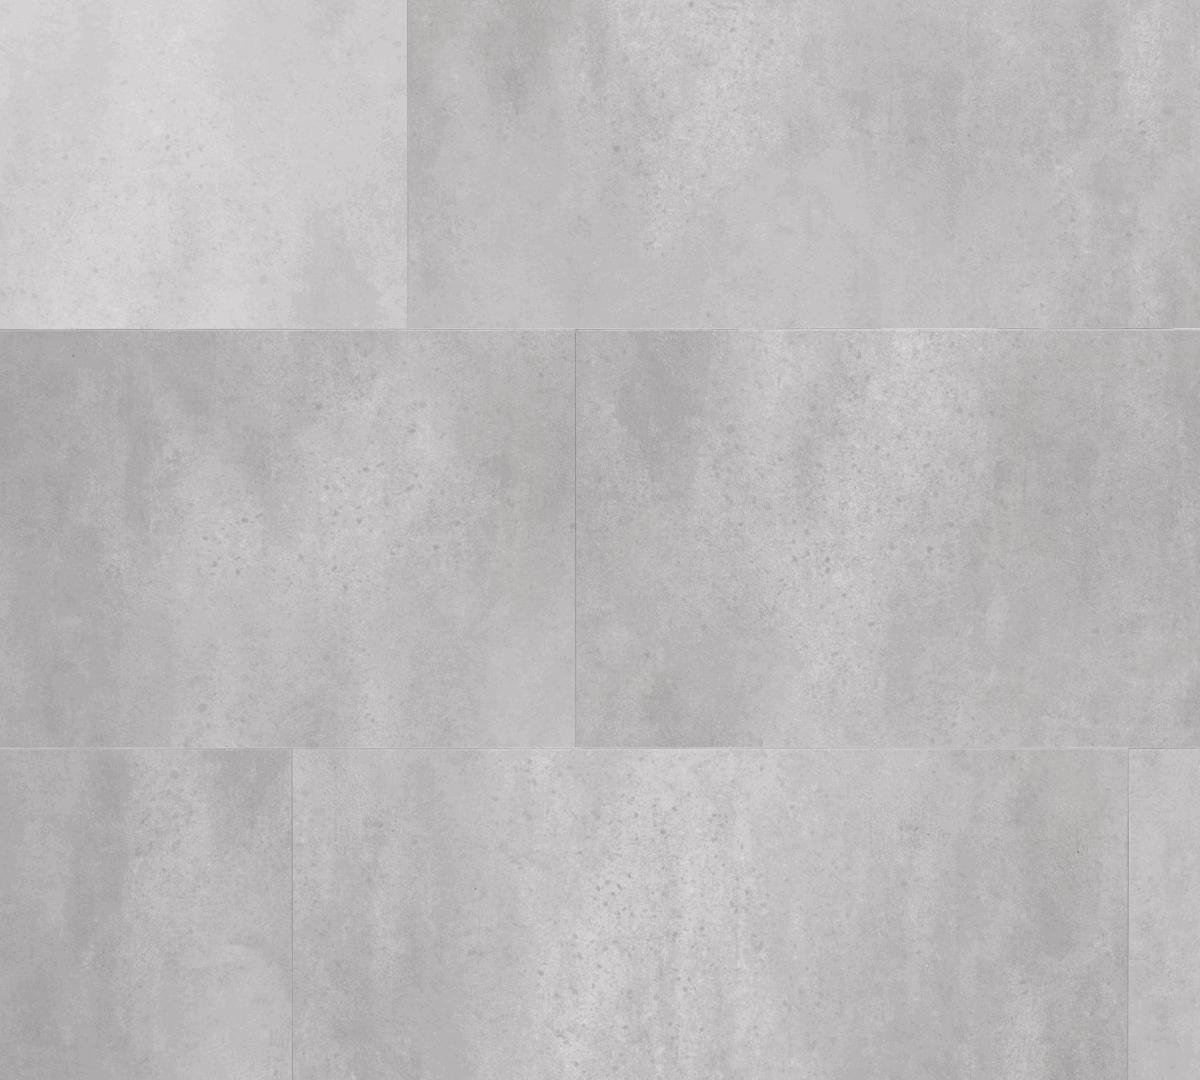 Кварцевый ламинат Aquafloor STONE AF 3541CST (610*305*3,5 мм) 10шт/1,86м2